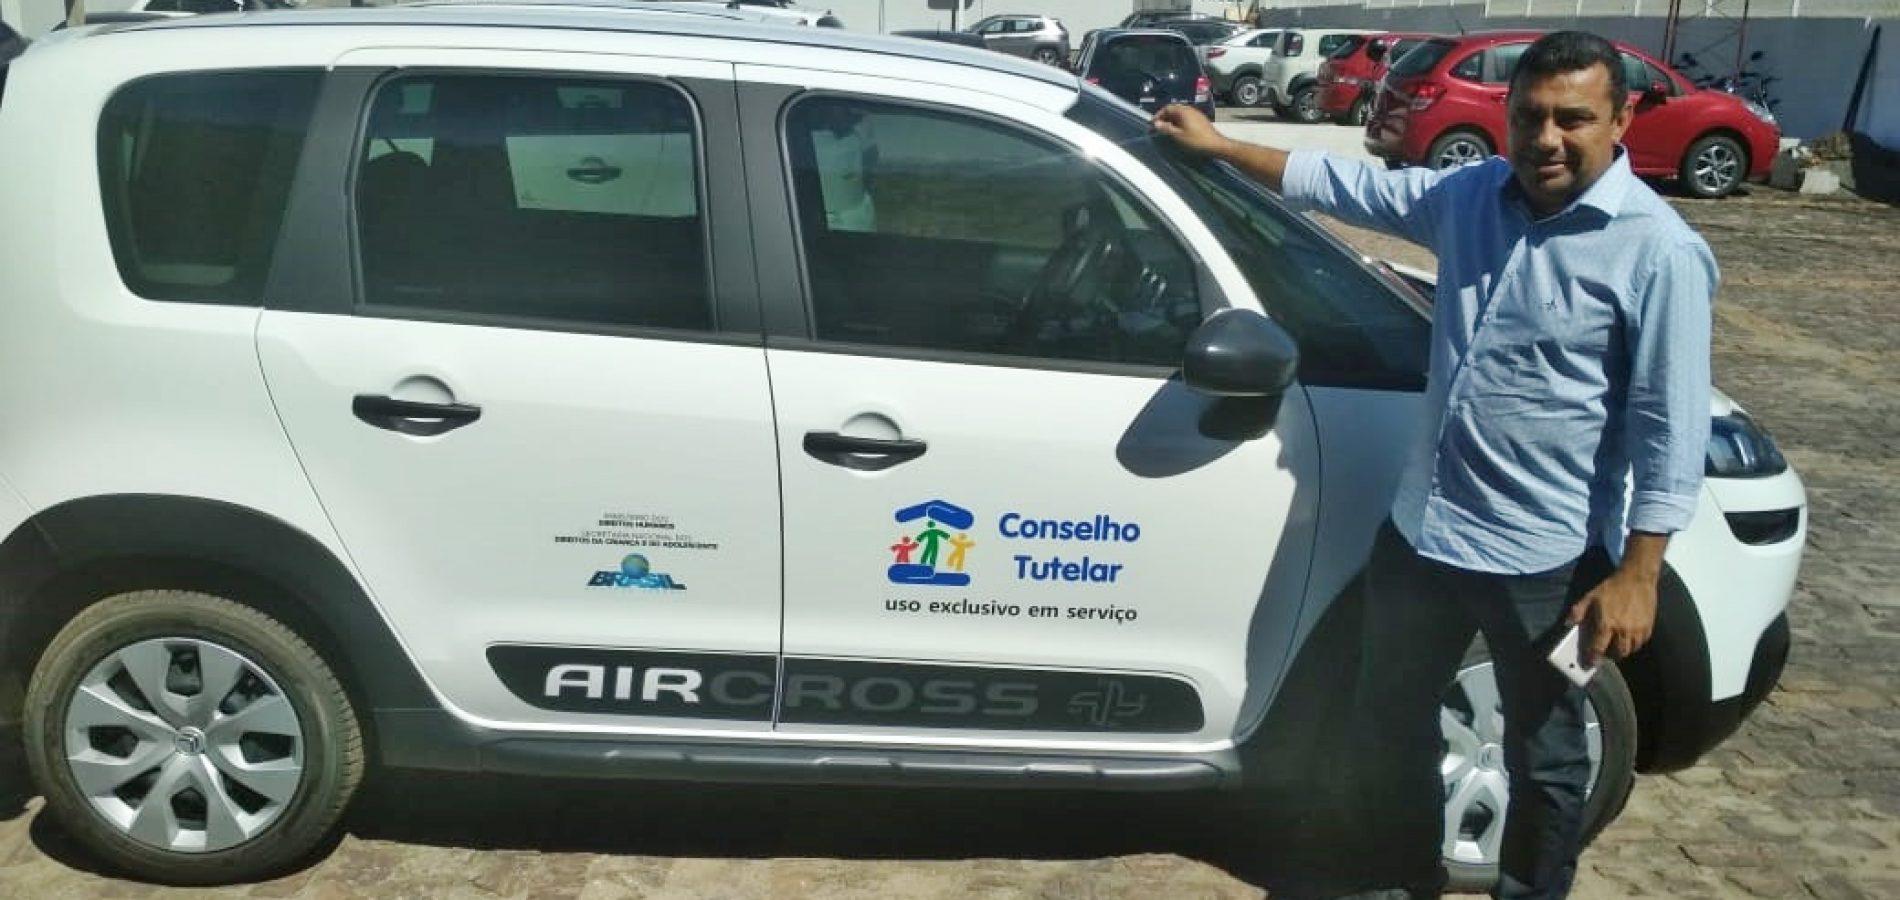 JAICÓS | Prefeito vai entregar carro e equipamentos para o Conselho Tutelar